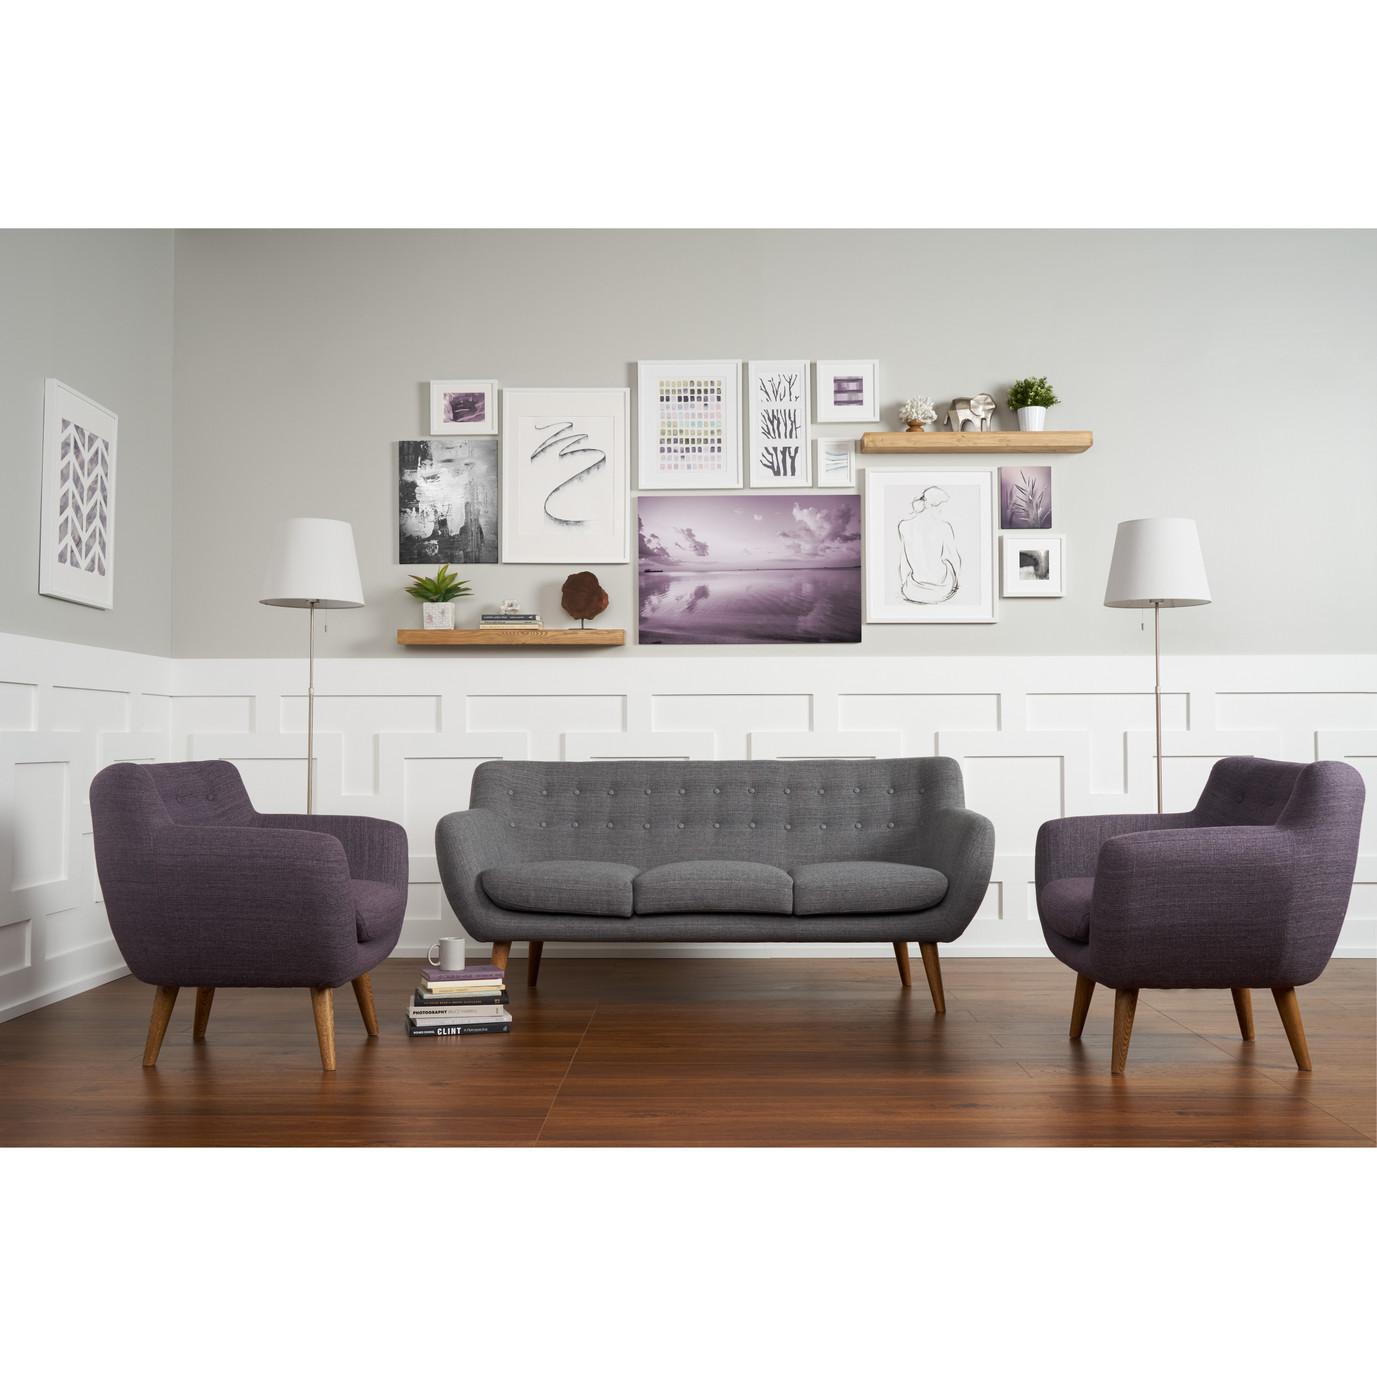 Rhodes Mid-Century Modern 3 Piece Living Set - Grey/Purple